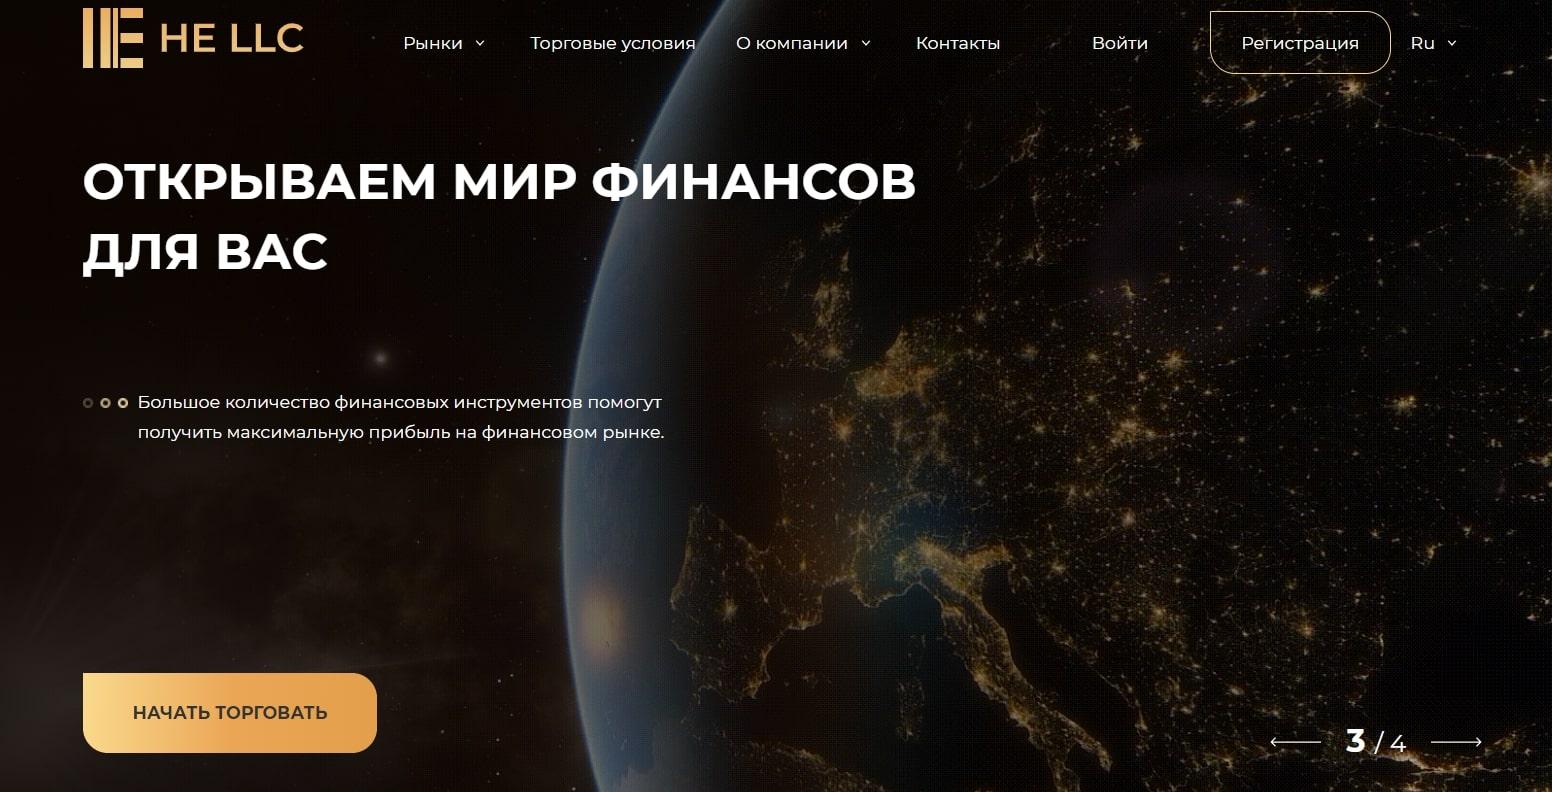 HE-Llc: отзывы о проекте и обзор торговых предложений обзор